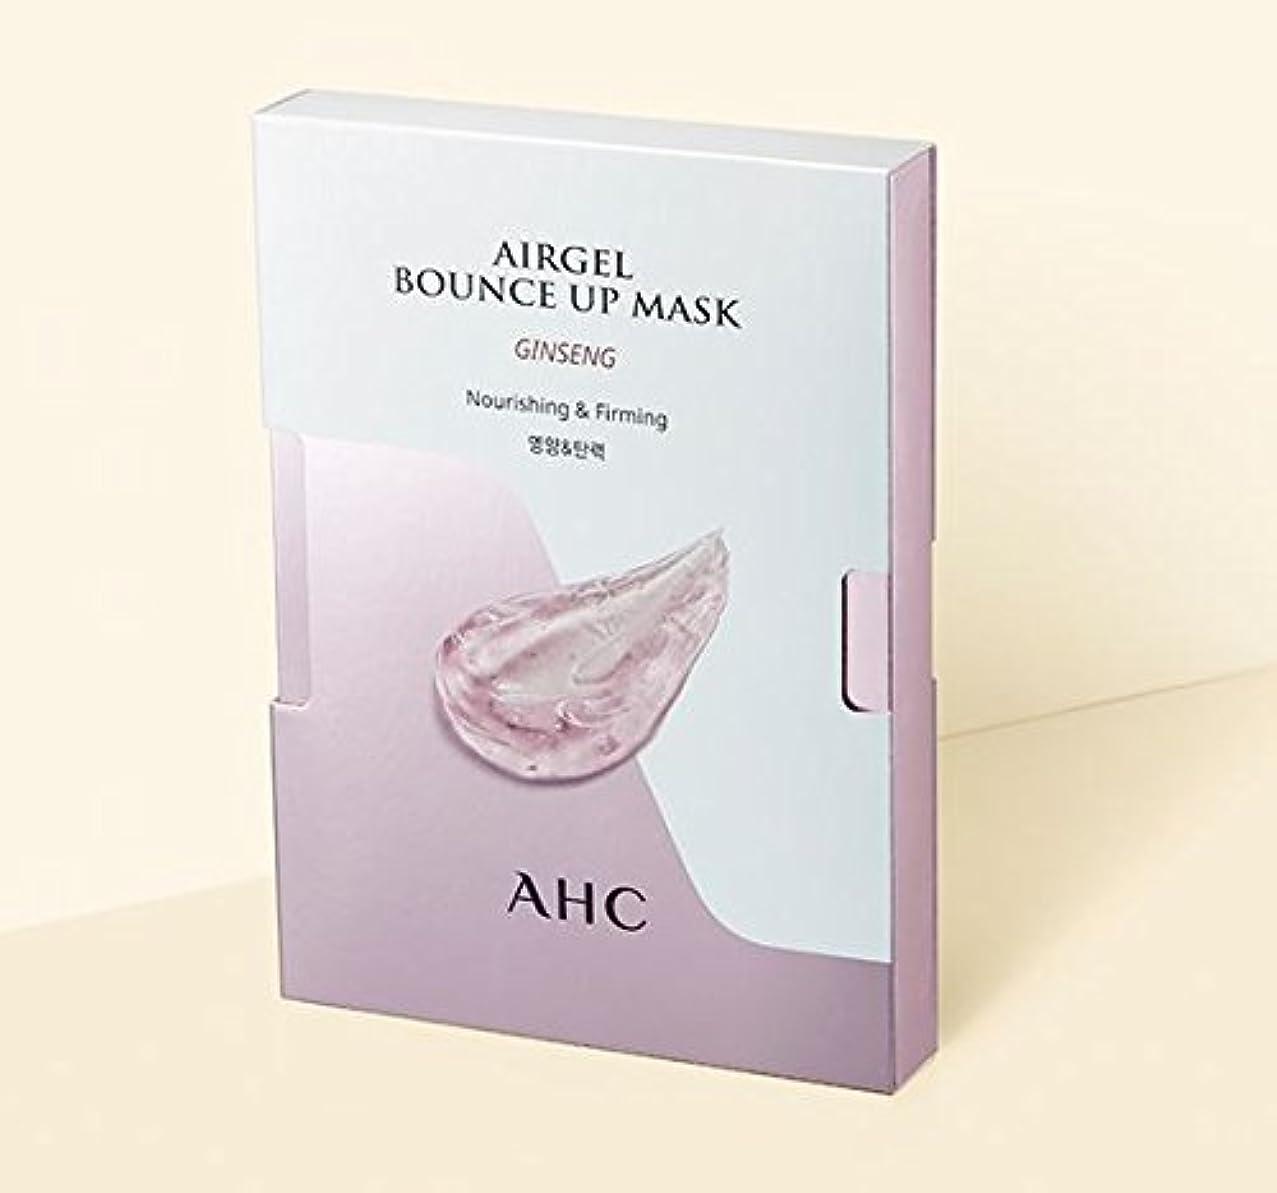 供給流産配置[A.H.C] Airgel Bounce Up Mask GINSENG (Nourishing&Firming)30g*5sheet/ジンセンエアゲルマスク30g*5枚 [並行輸入品]